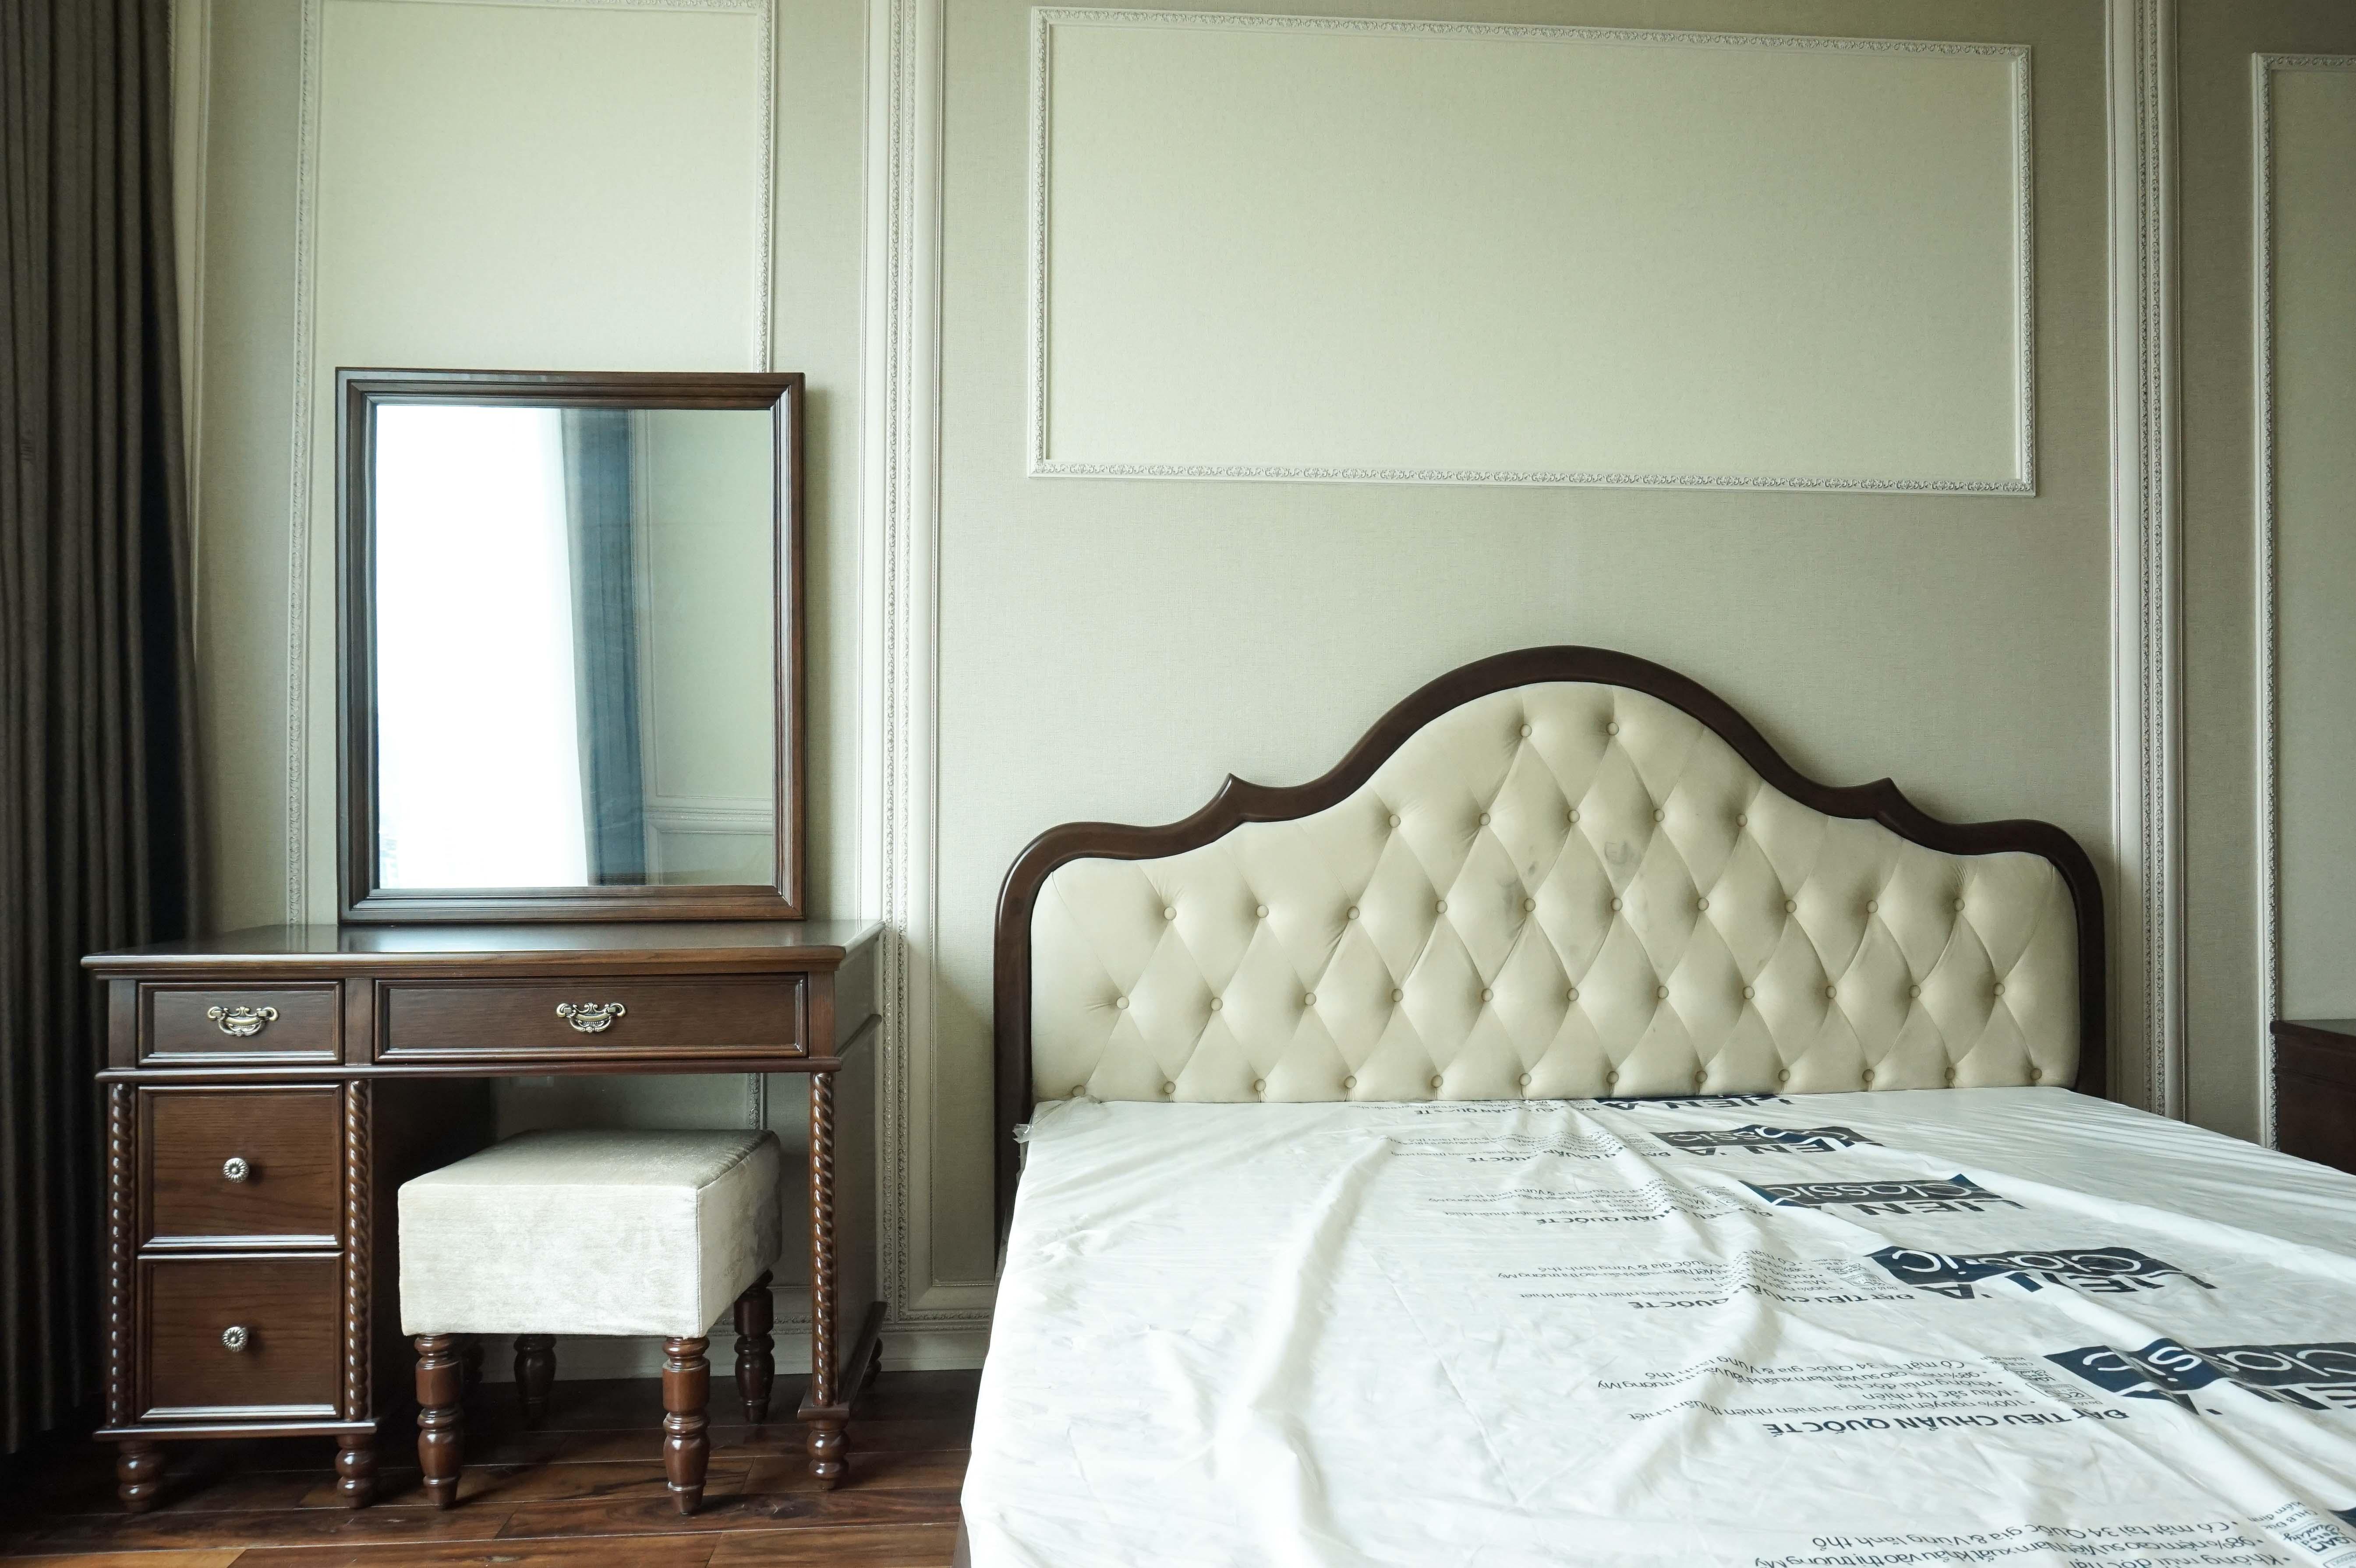 Căn hộ 2 PN Léman Luxury - Đầy Đủ Nội Thất - Căn Hộ Ấm Cúng Và Tinh Tế-17